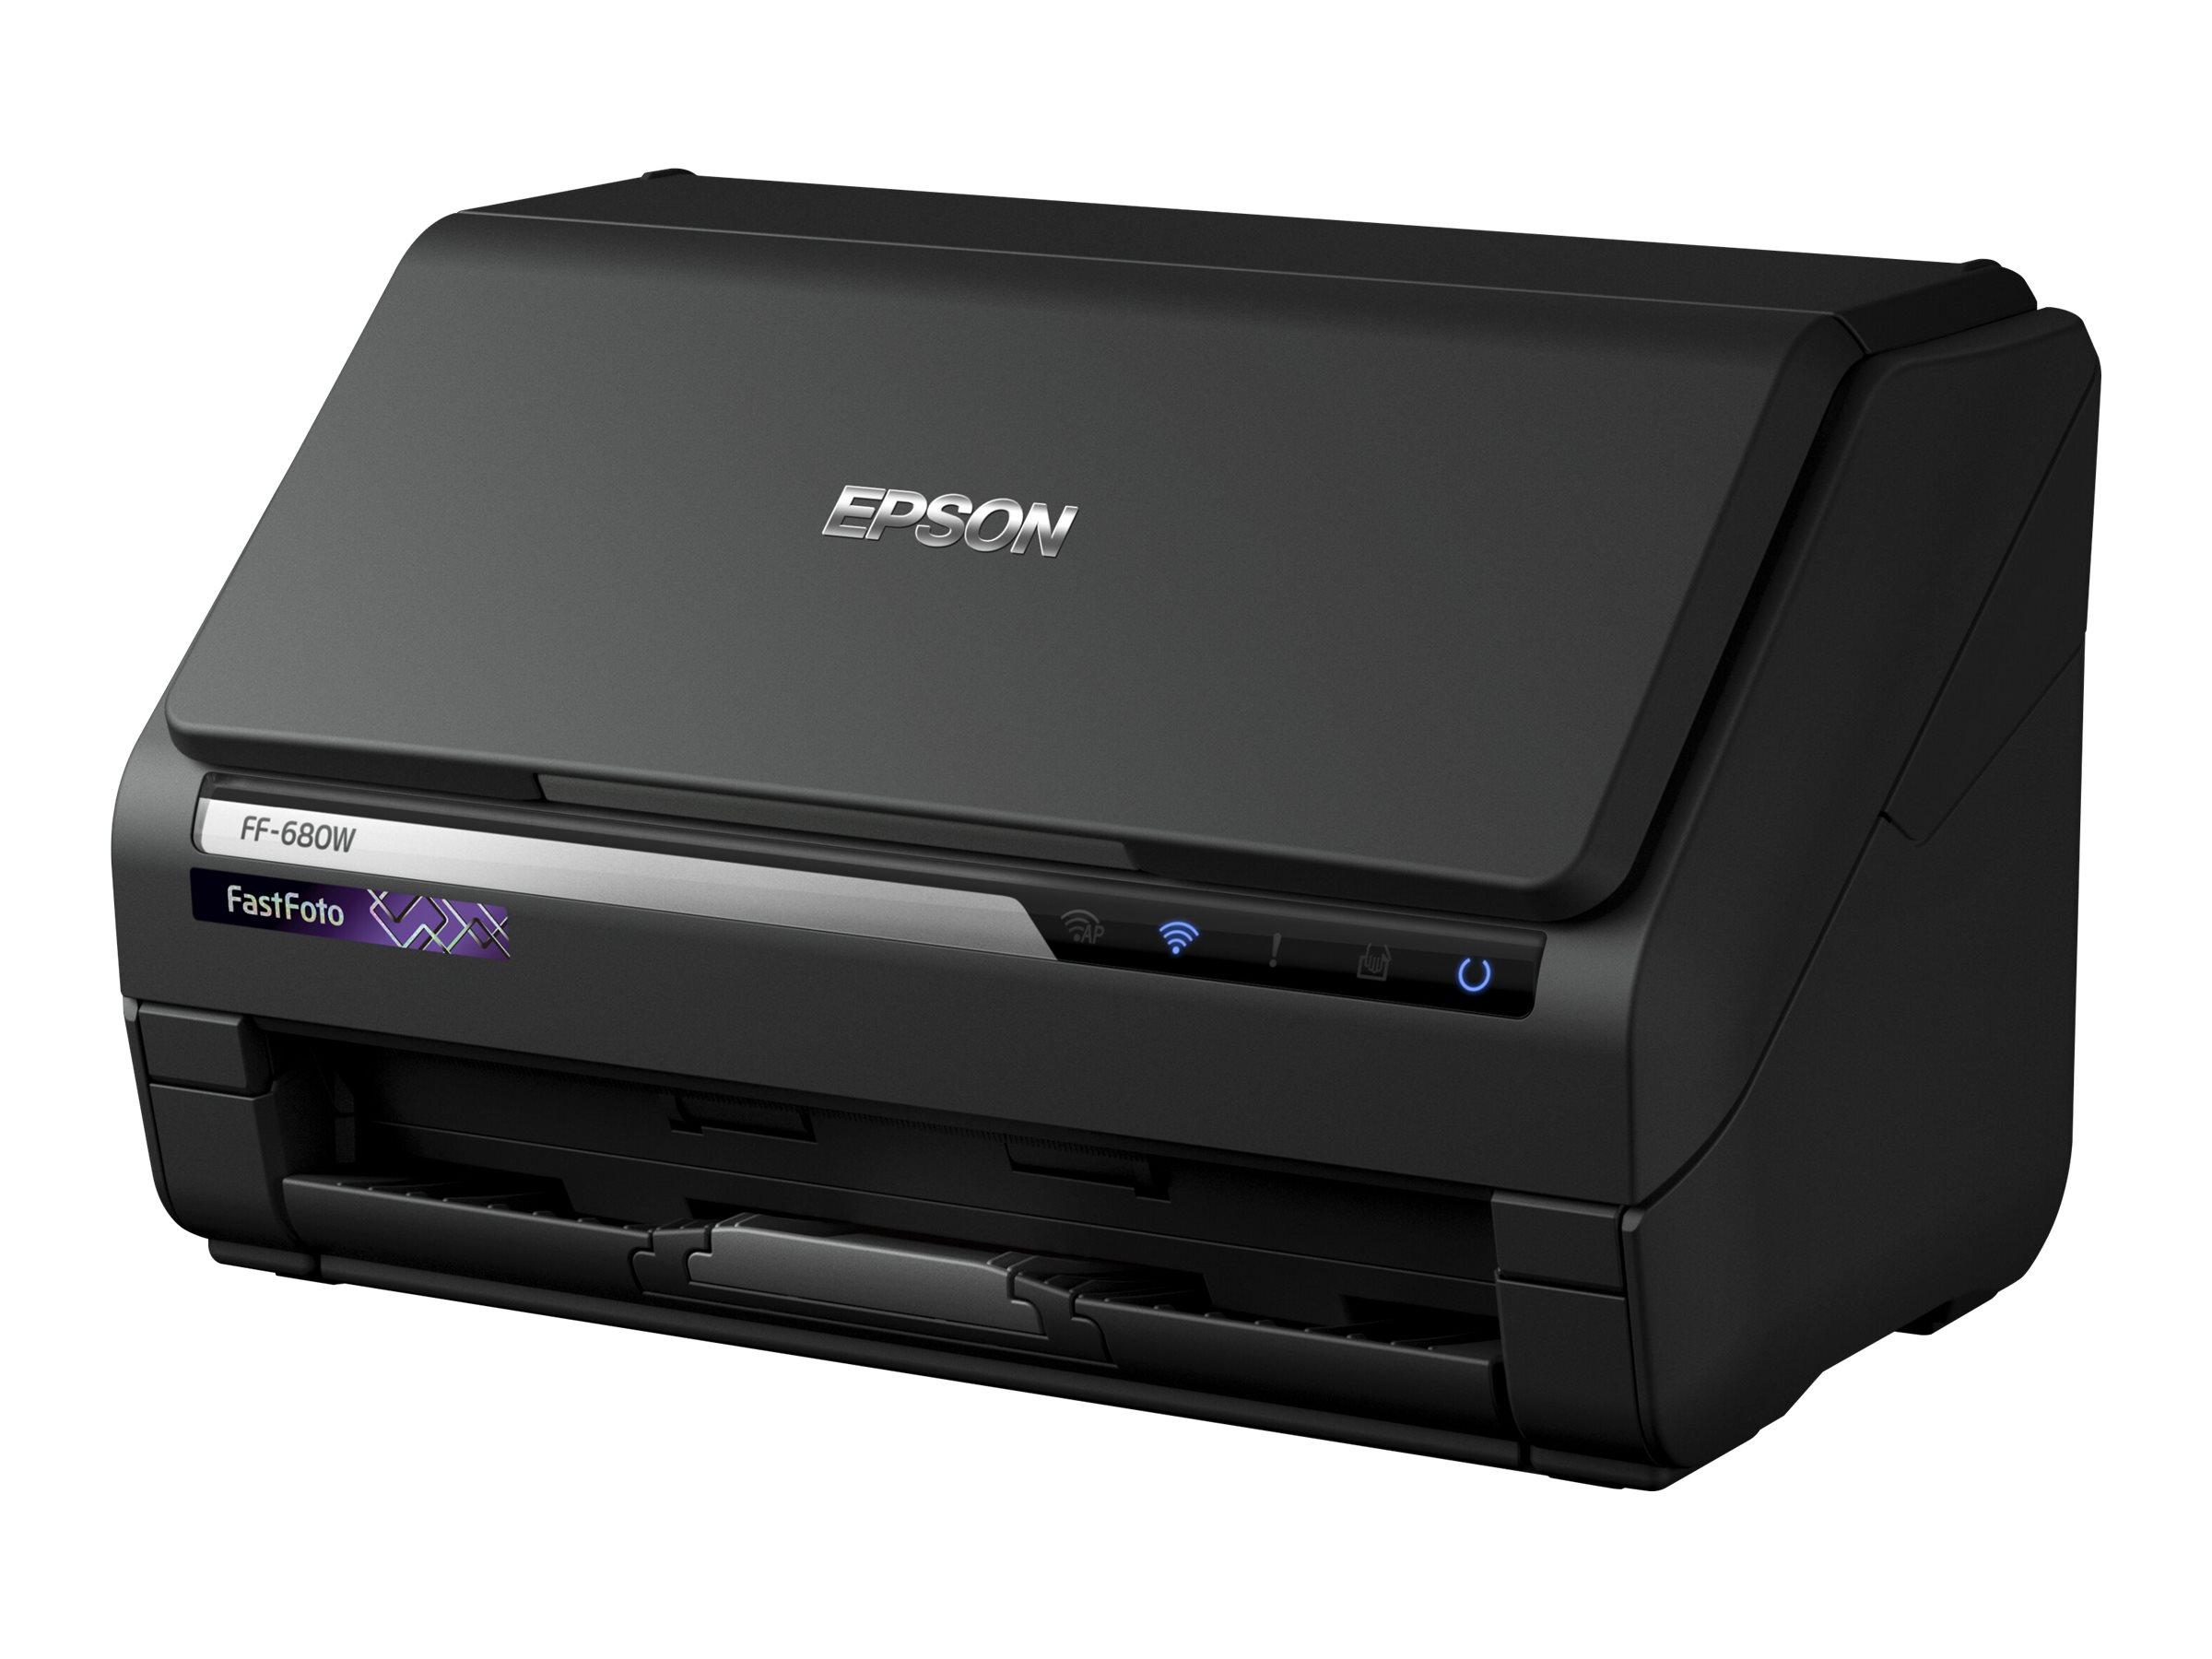 Epson FastFoto FF-680W - Dokumentenscanner - Duplex - A4 - 600 dpi x 600 dpi - bis zu 45 Seiten/Min. (einfarbig)